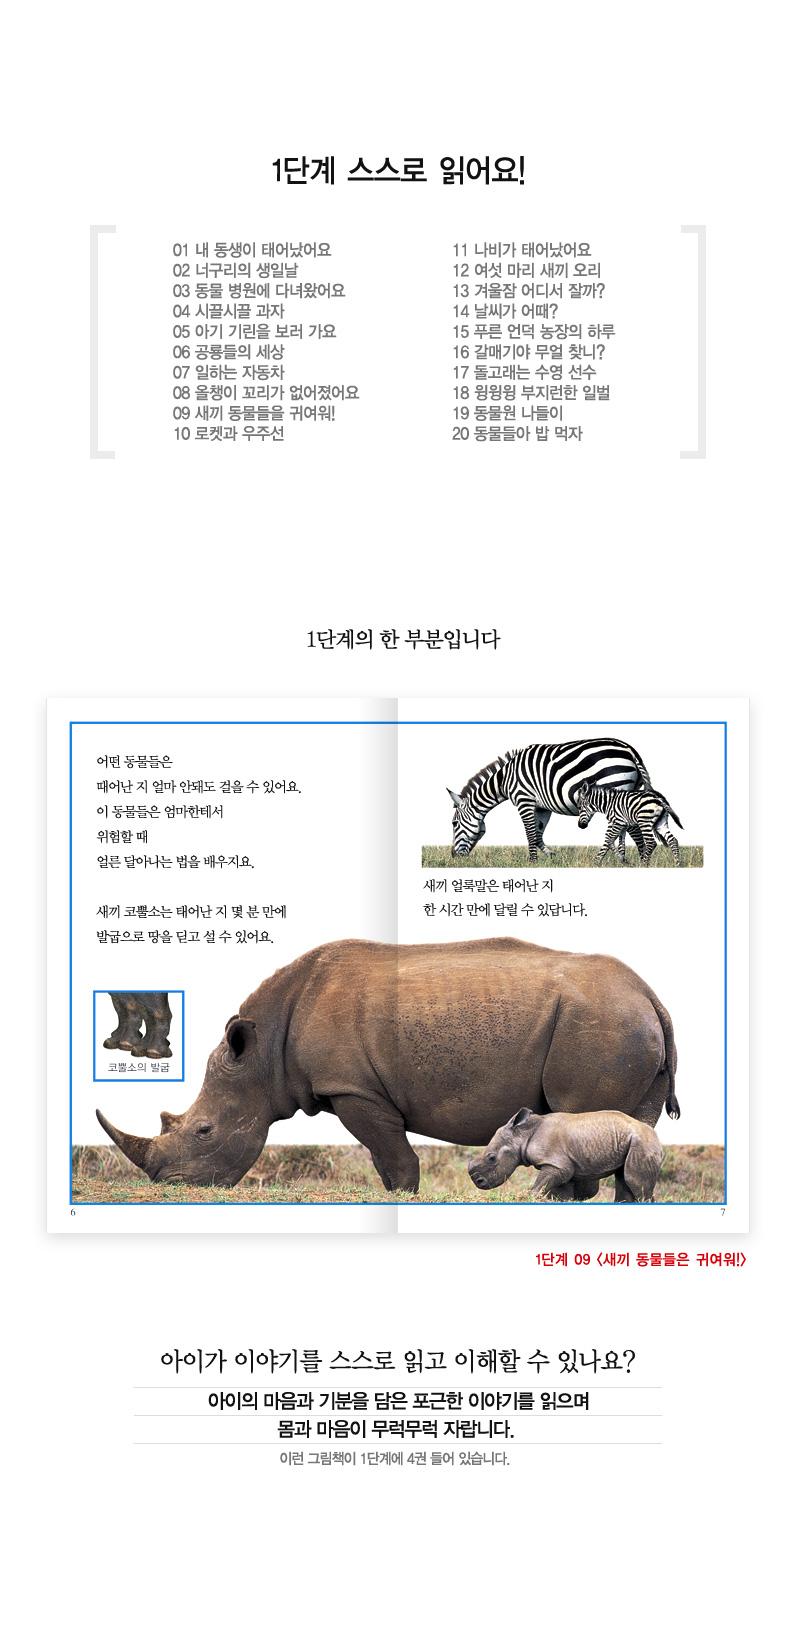 삼성출판사 DK 읽는 재미 50권